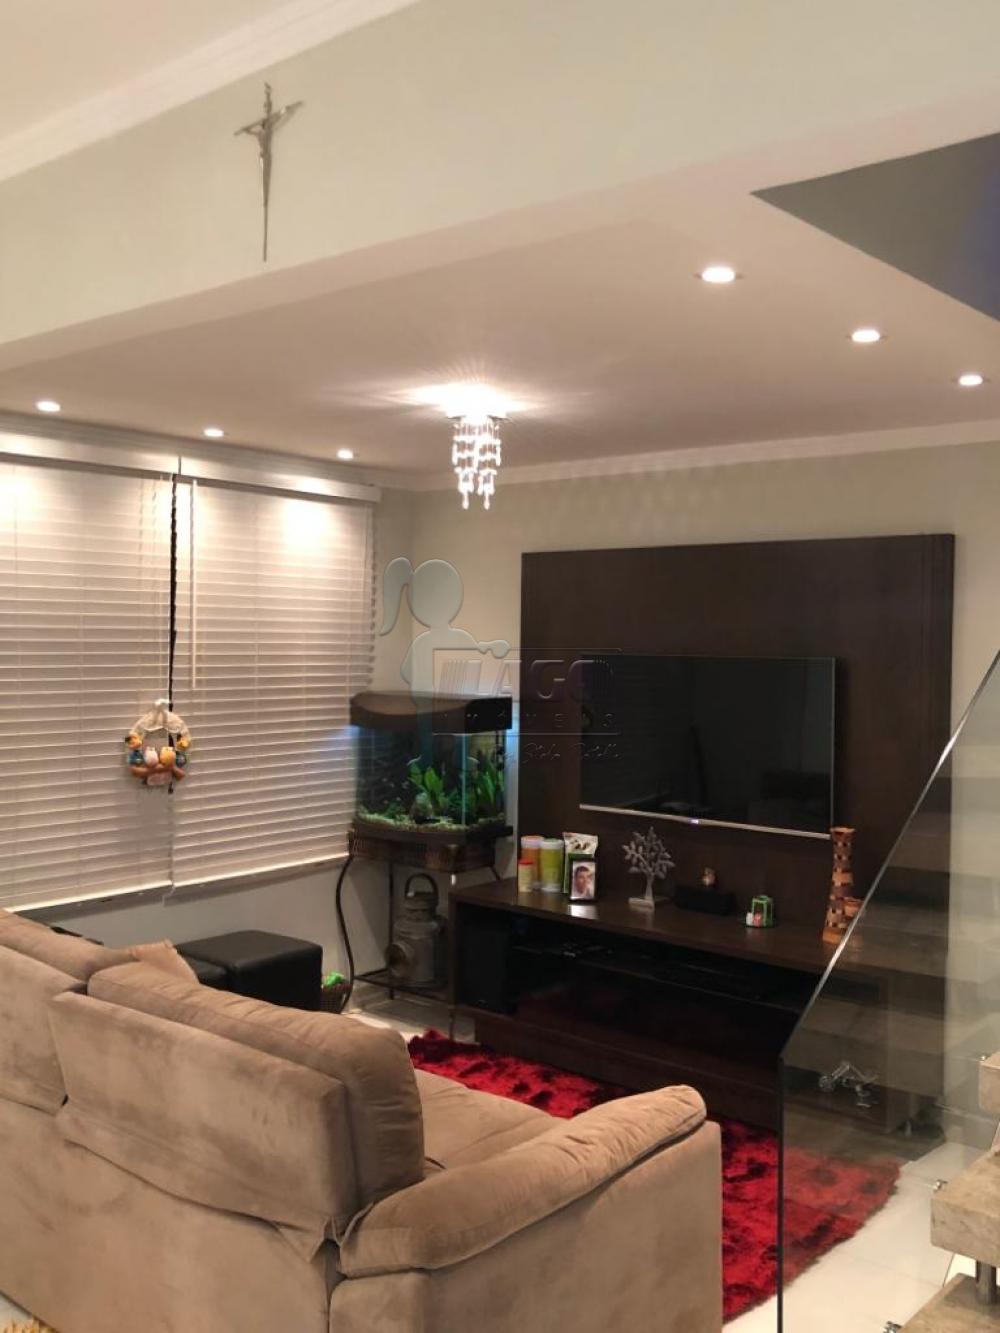 Comprar Casas / Condomínio em Ribeirão Preto apenas R$ 455.000,00 - Foto 4